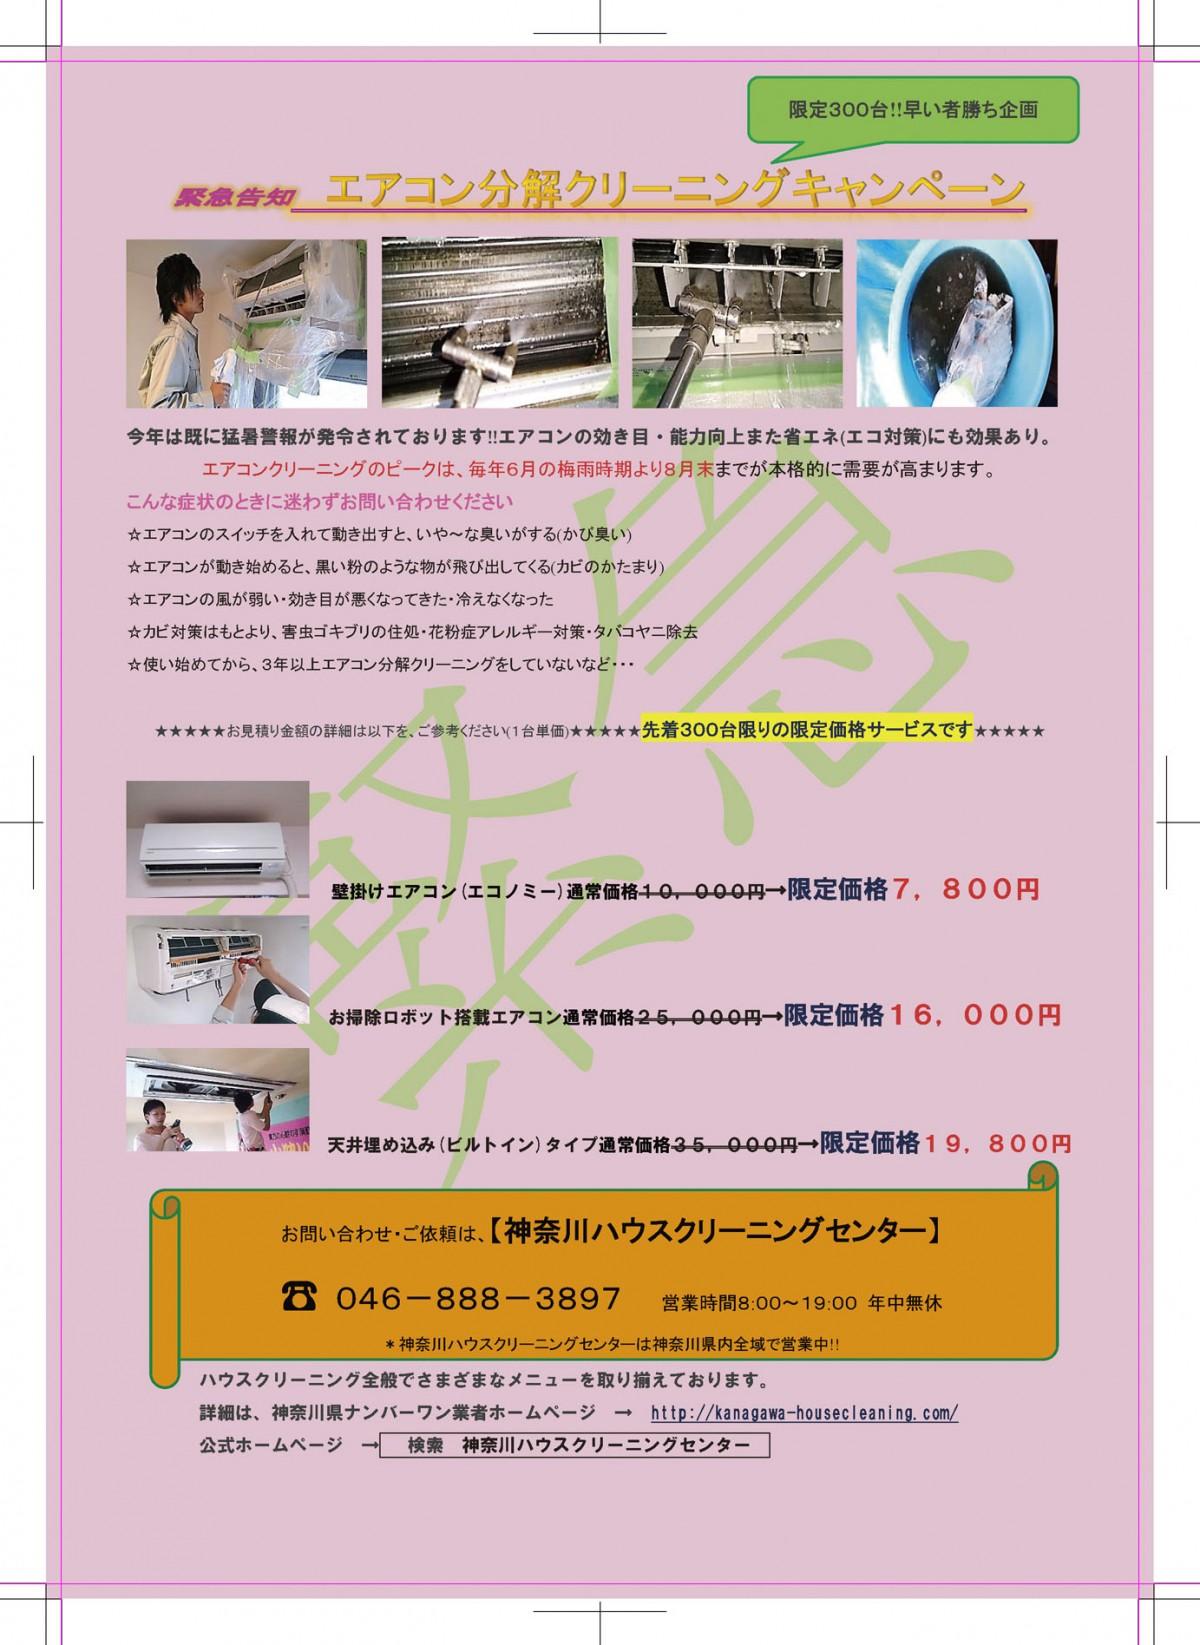 横浜市を中心とするエアコンクリーニングキャンペーン